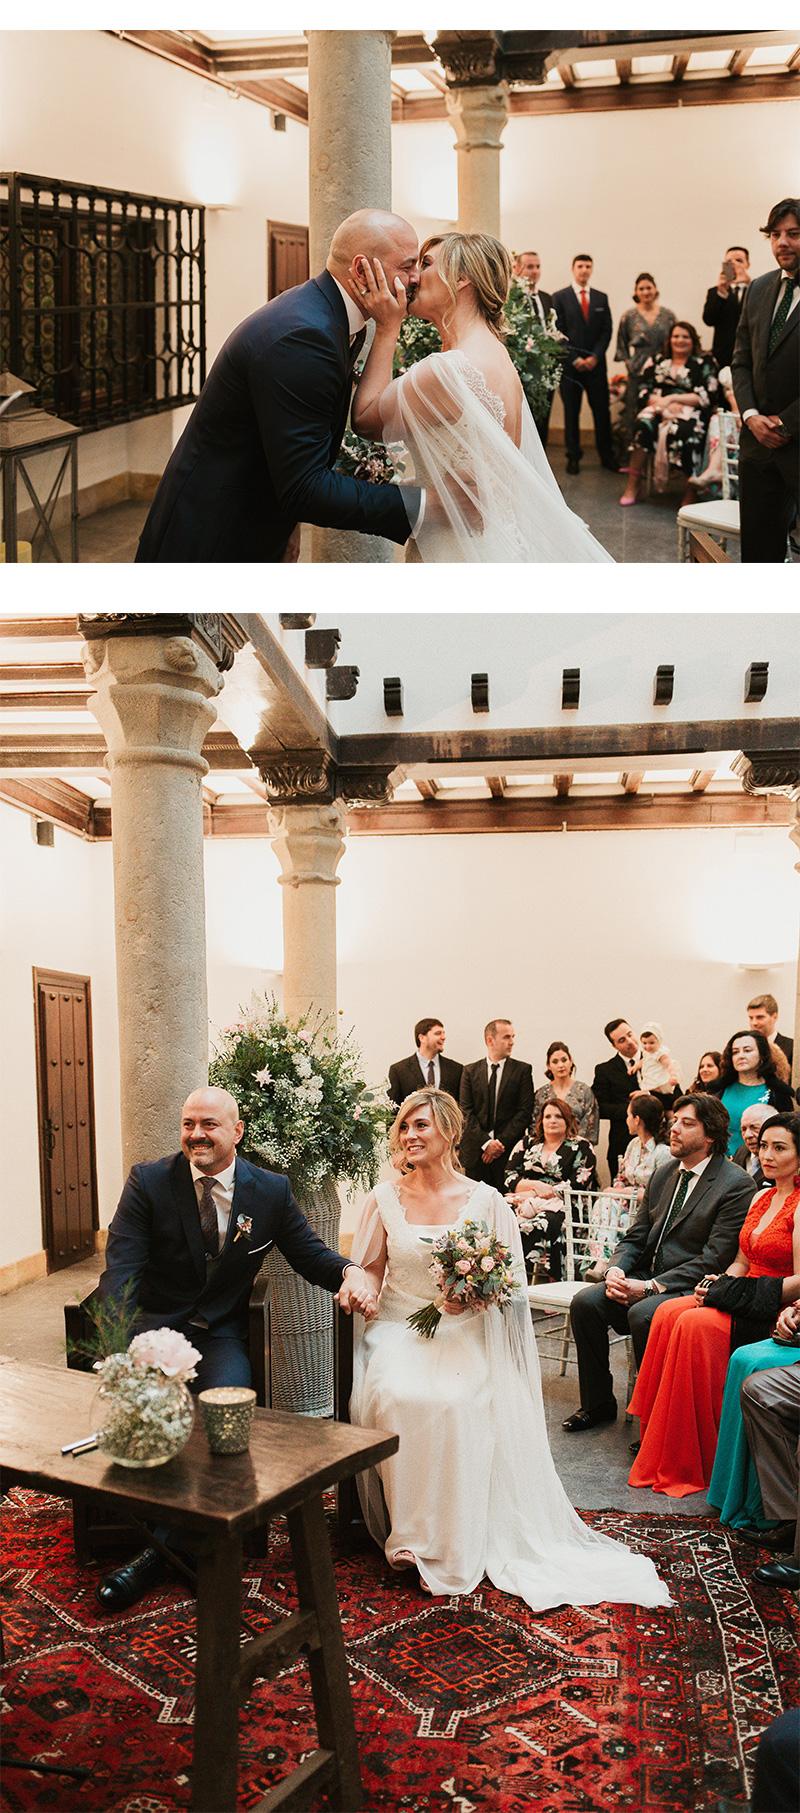 Fotografos de bodas en Asturias - Boda en el palacio de Rua 15